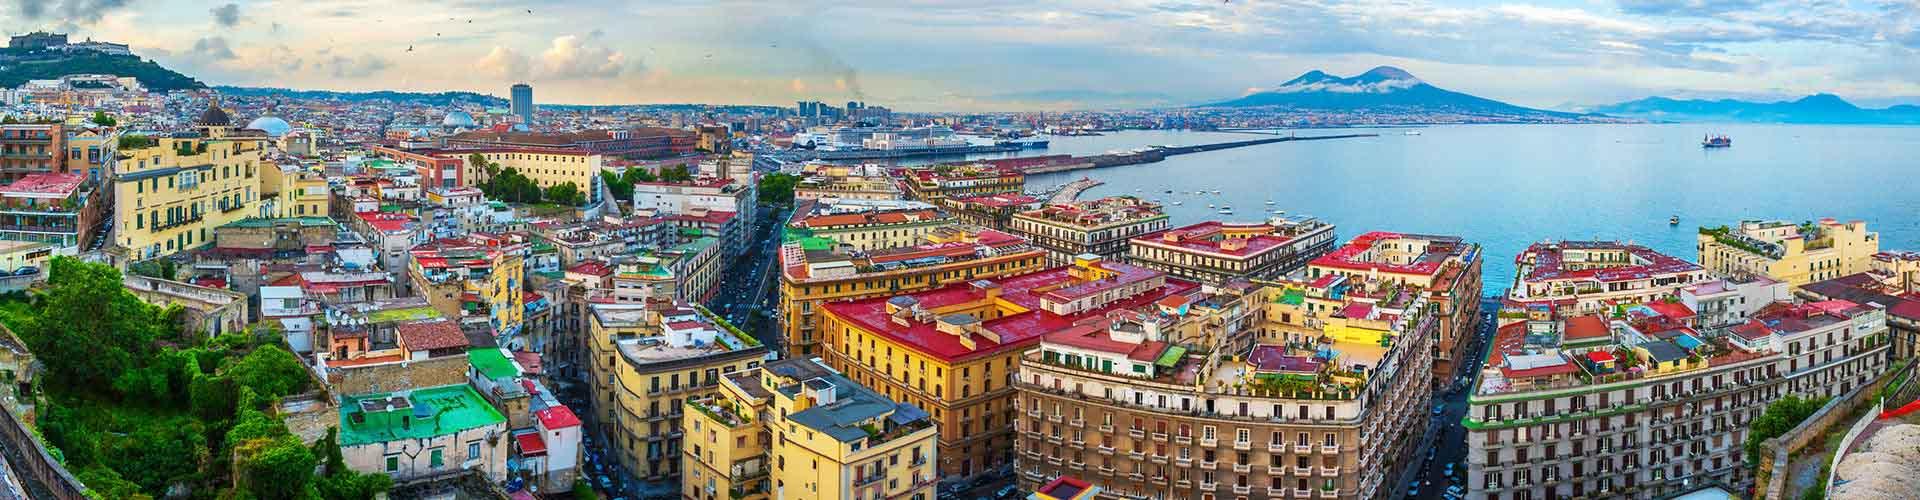 ナポリ – ホステル ナポリ. 地図 ナポリ, すべてのホステルの写真とレビュー ナポリ.